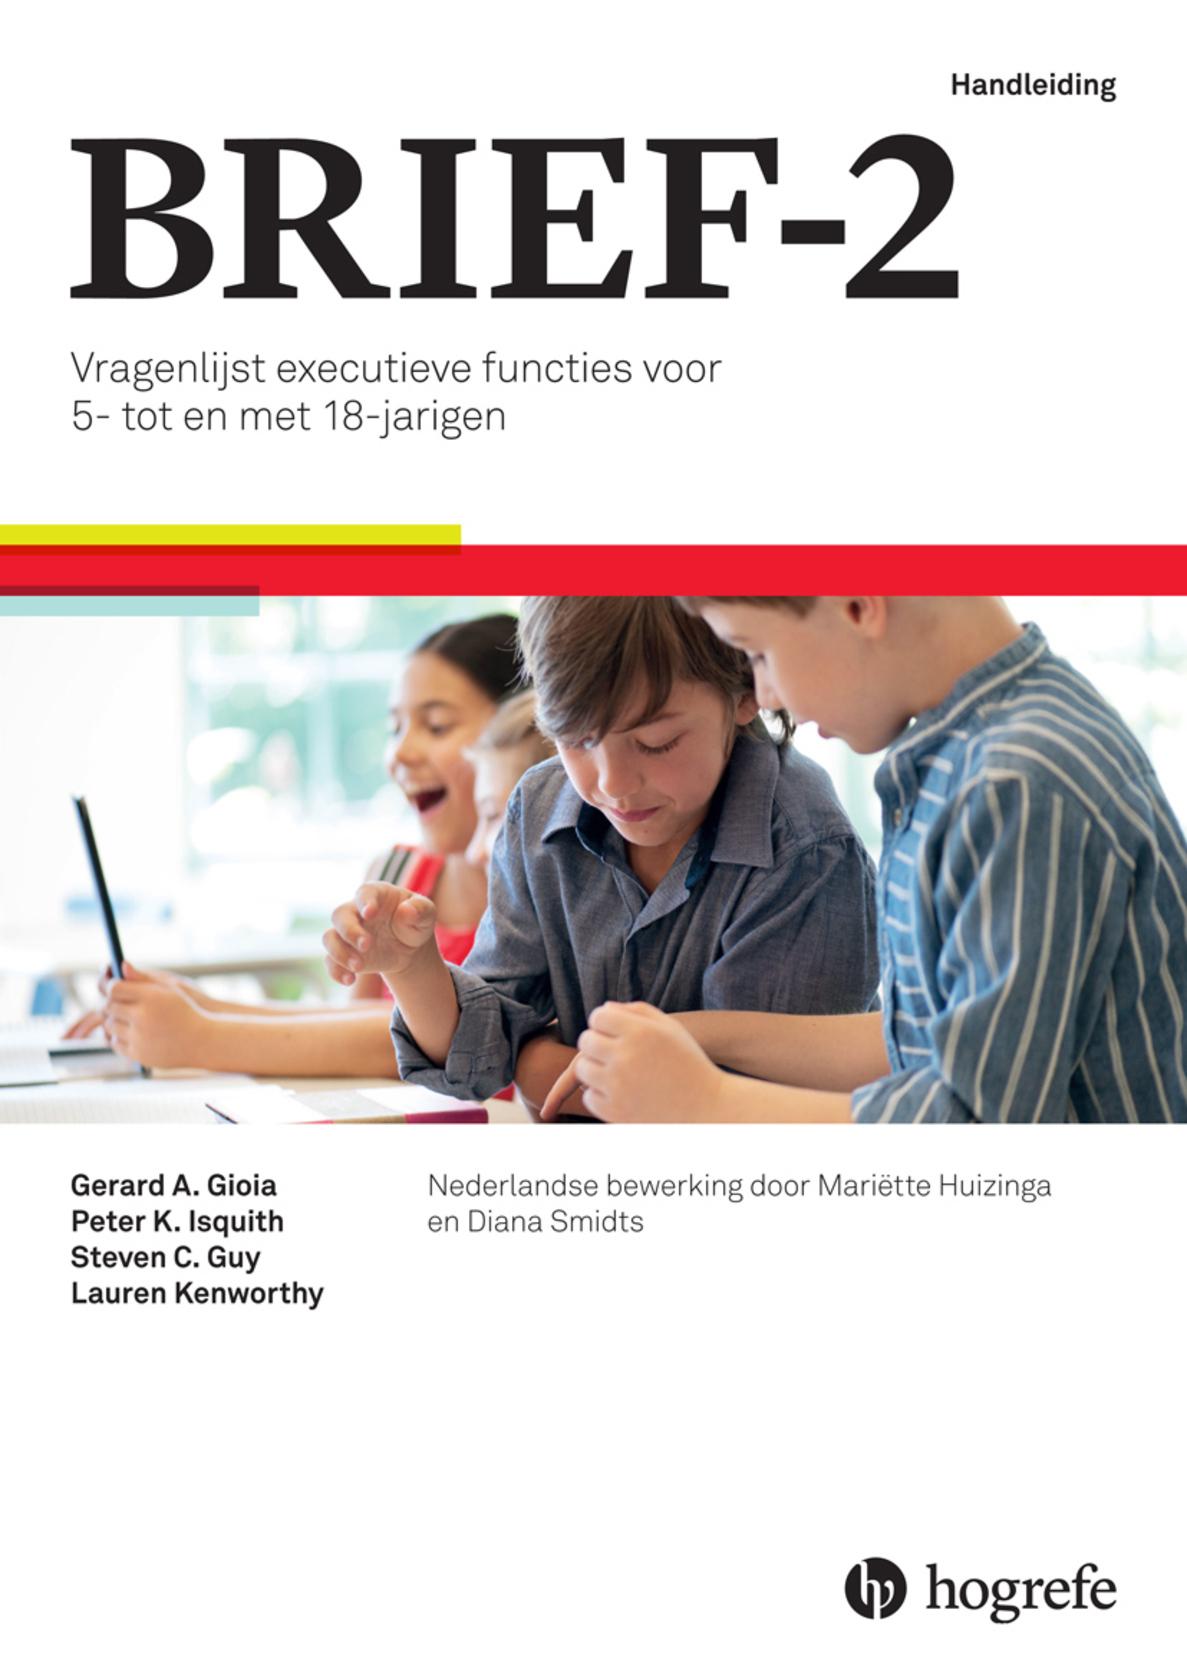 BRIEF-2 startpakket (handleiding, 10 Ouder-, 10 Leraar-, 10 Zelfrapportagelijsten en profielformulieren, in box)